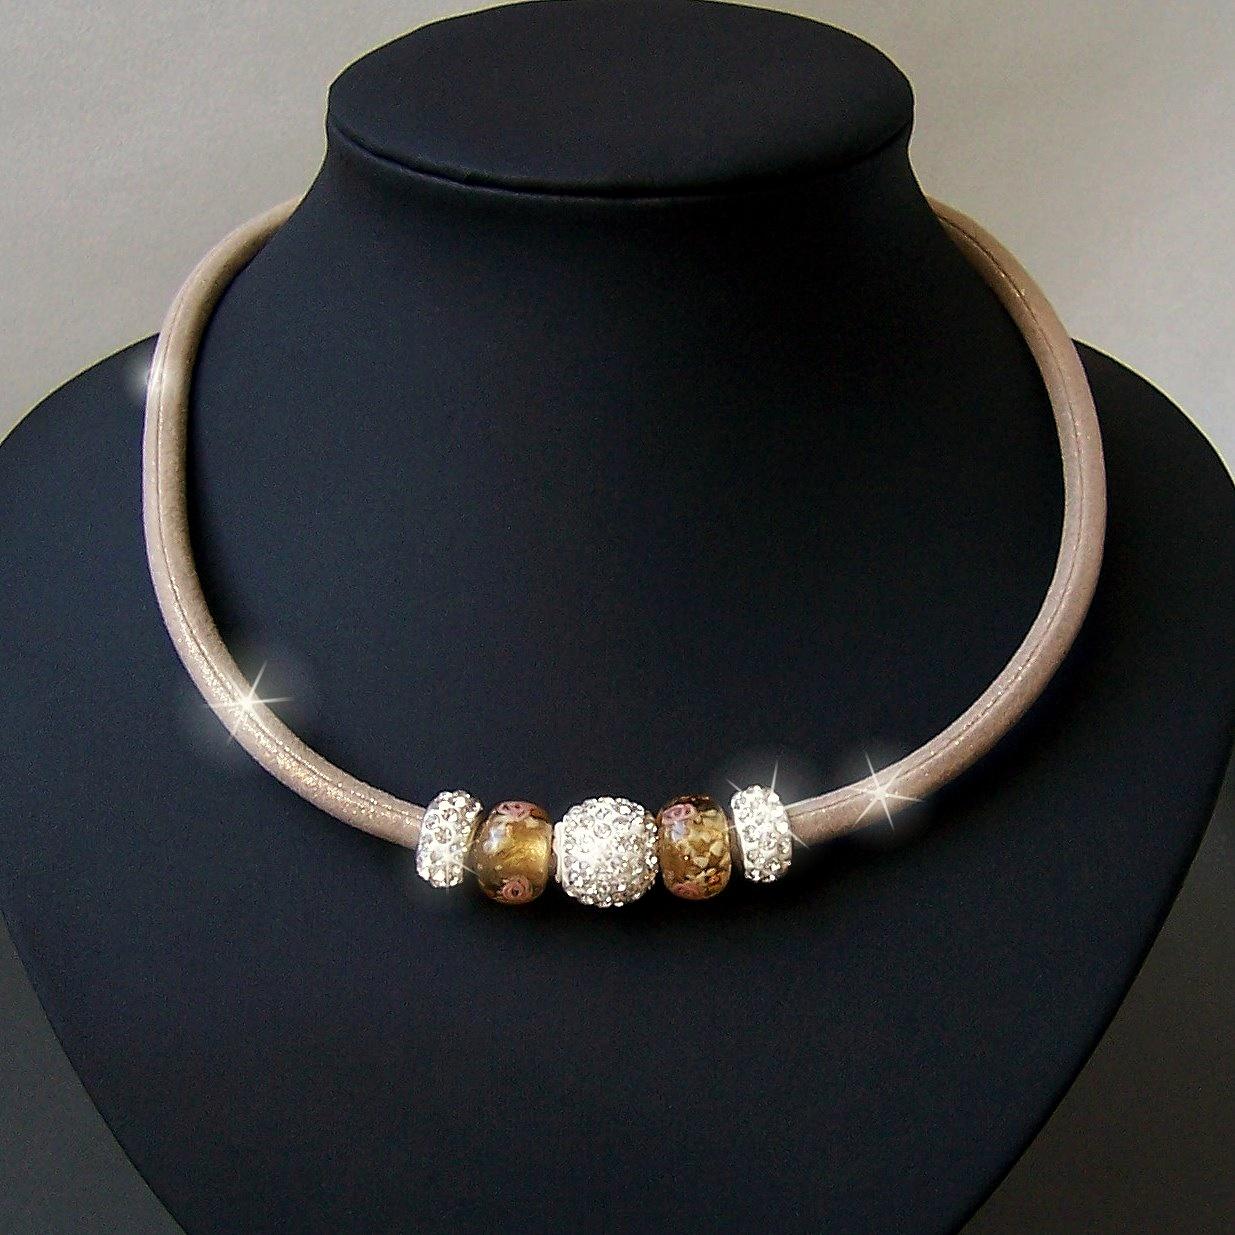 K1209# Collier Kette Satin Glitzerstoff sand Shamballa Perlen